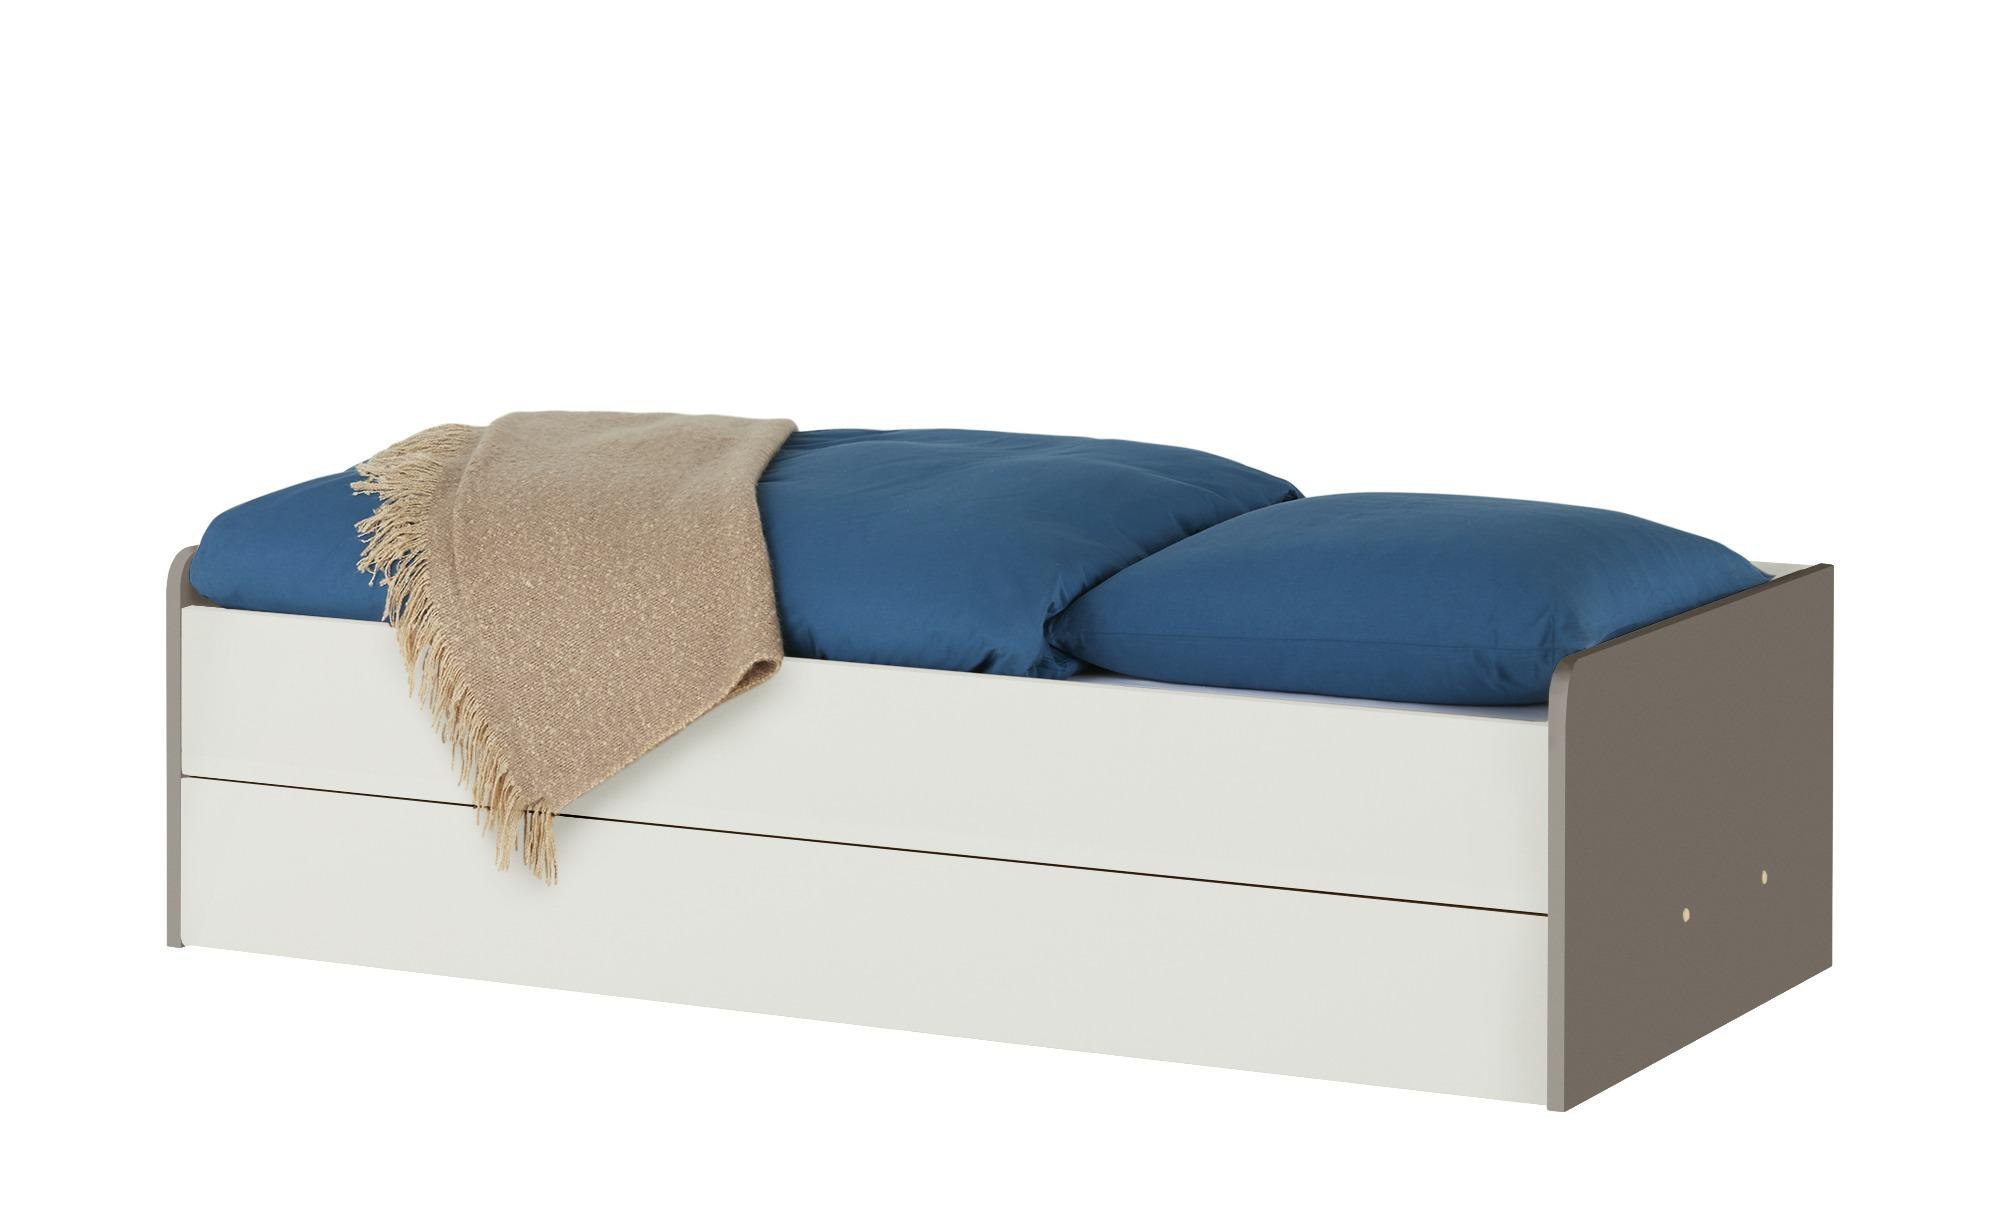 Full Size of Bett 120x200 Mit Bettkasten Matratze Und Lattenrost Weiß Betten Wohnzimmer Stauraumbett 120x200